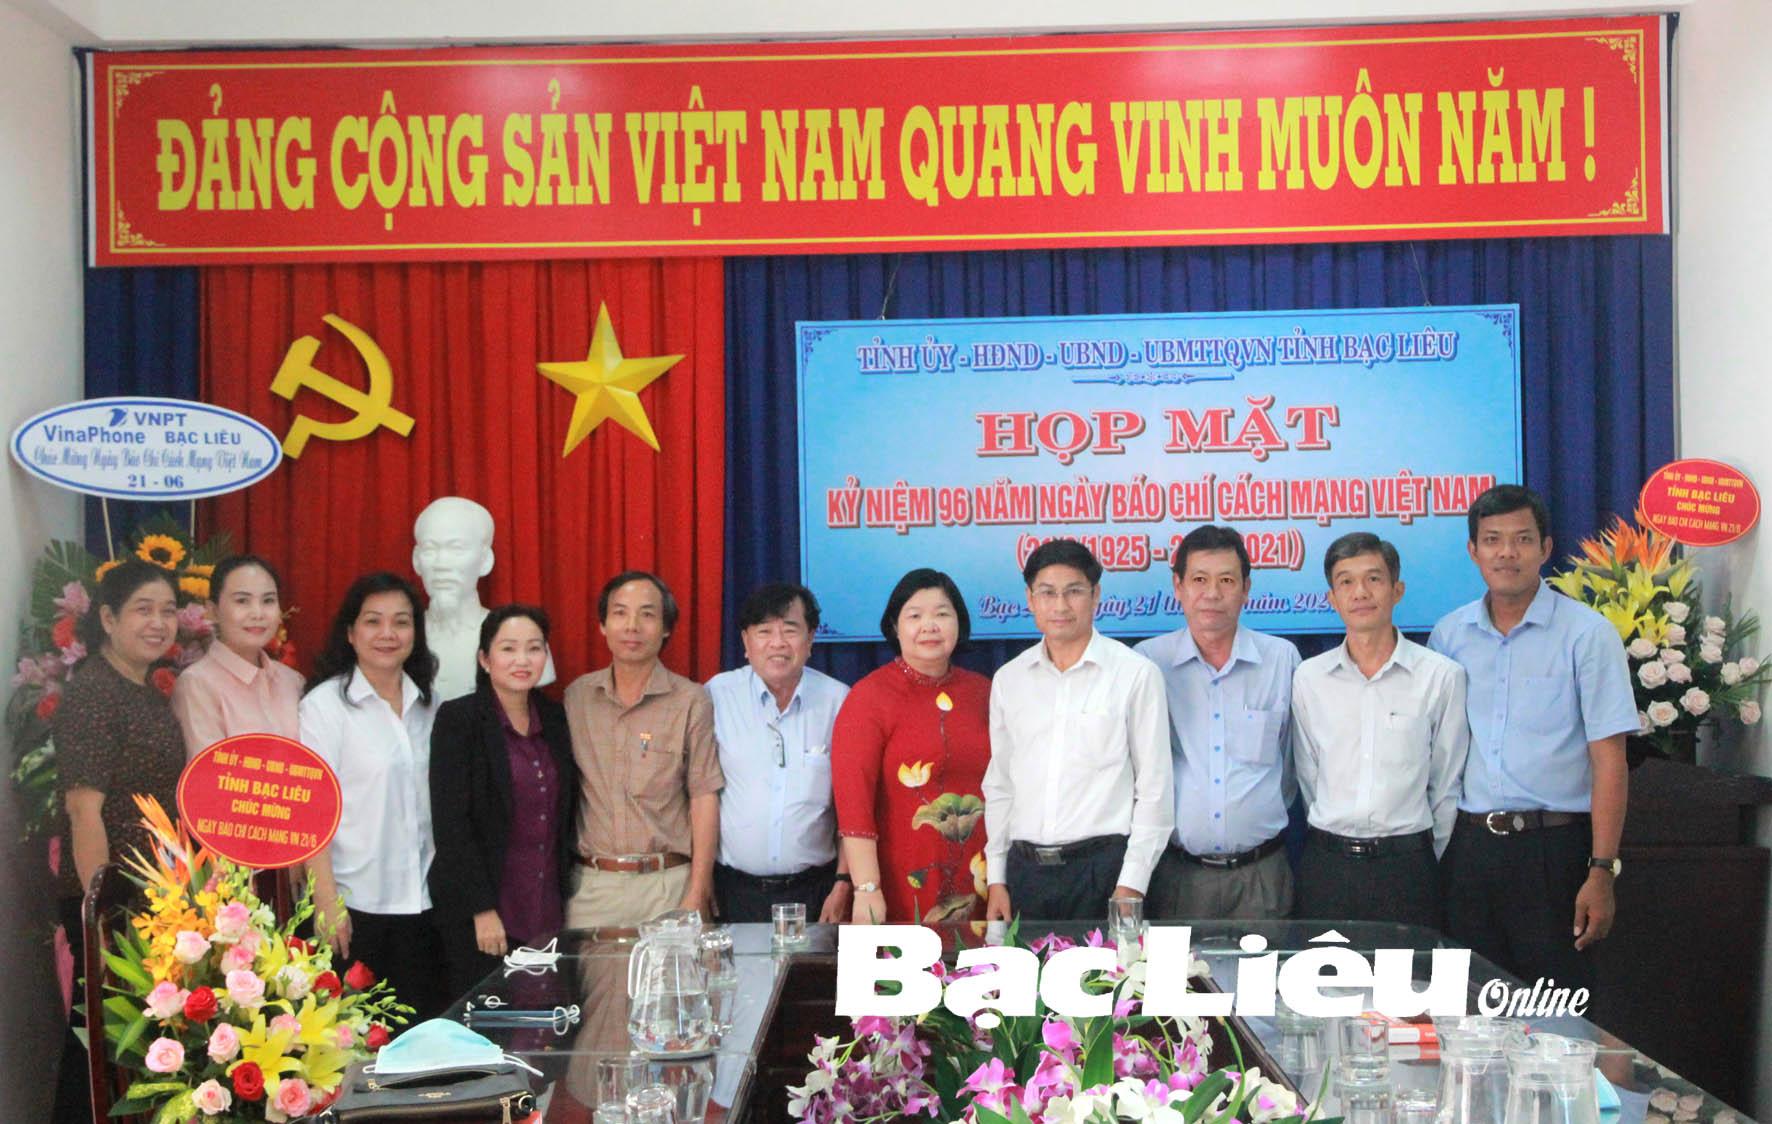 """Bà Cao Xuân Thu Vân - Phó Chủ tịch UBND tỉnh: """"Bạc Liêu mong đón nhận nhiều tác phẩm báo chí đa giá trị"""""""